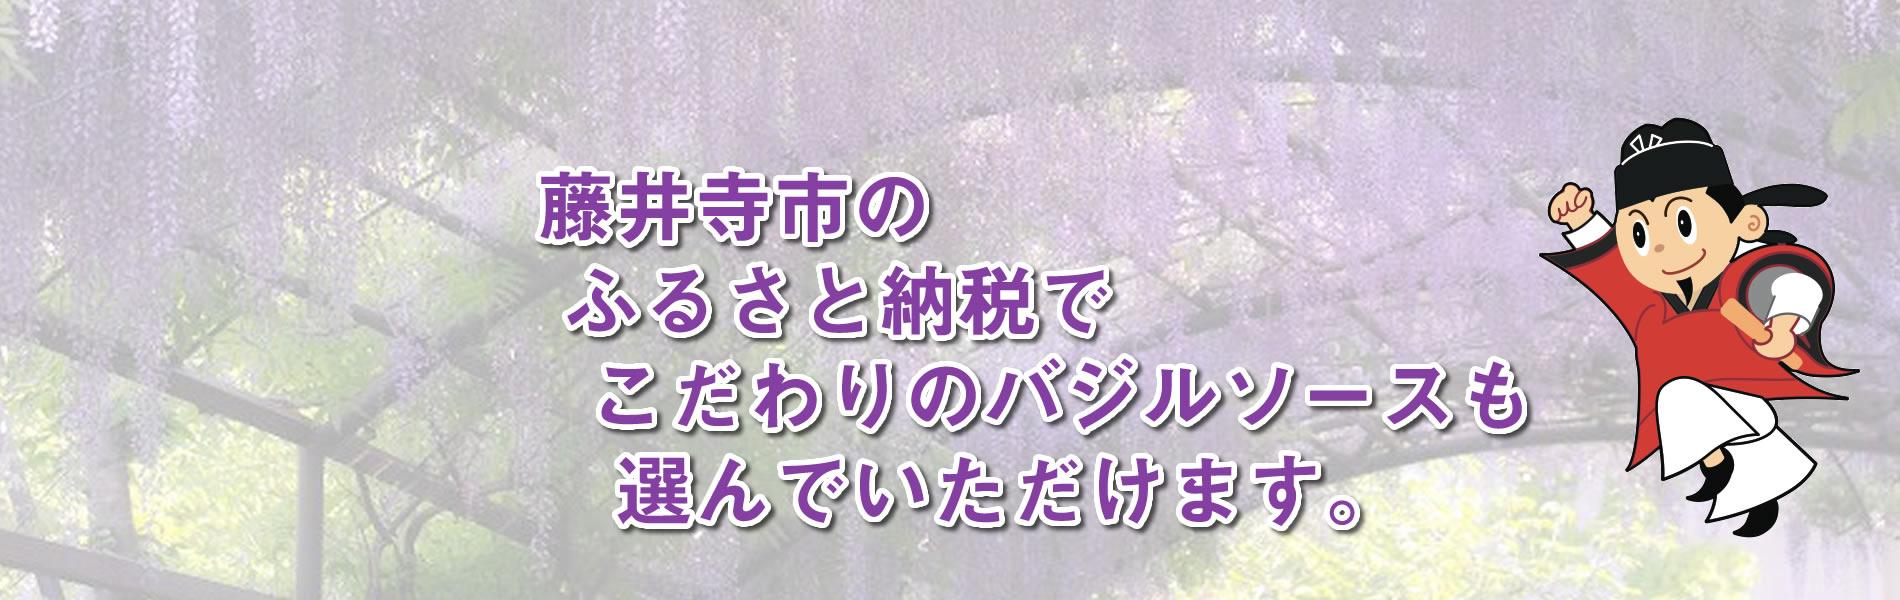 藤井寺市のふるさと納税でこだわりのバジルソースも選んでいただけます。